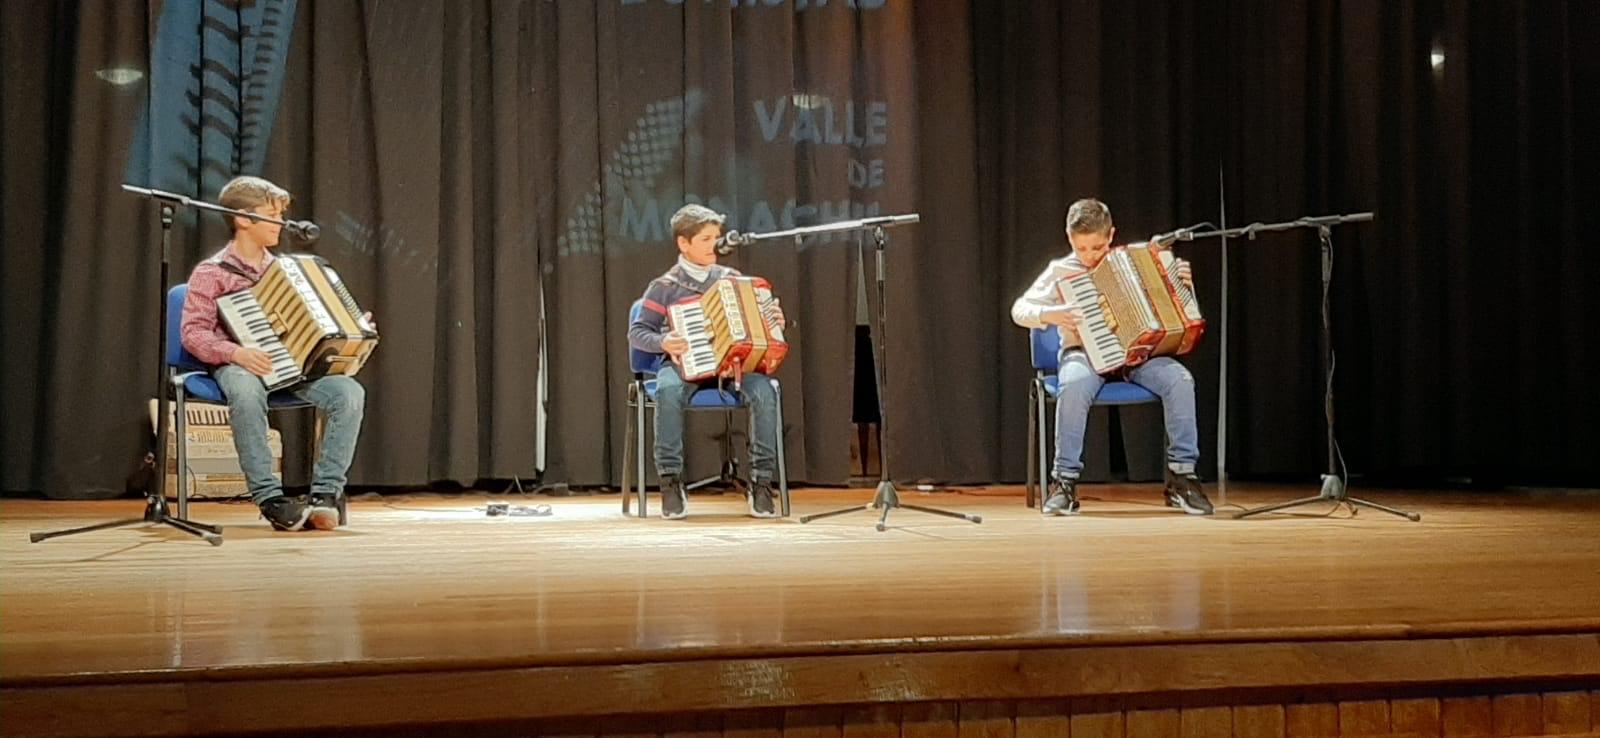 Los mejores acordeonistas del país se darán cita en el V Encuentro Musical del Valle de Monachil